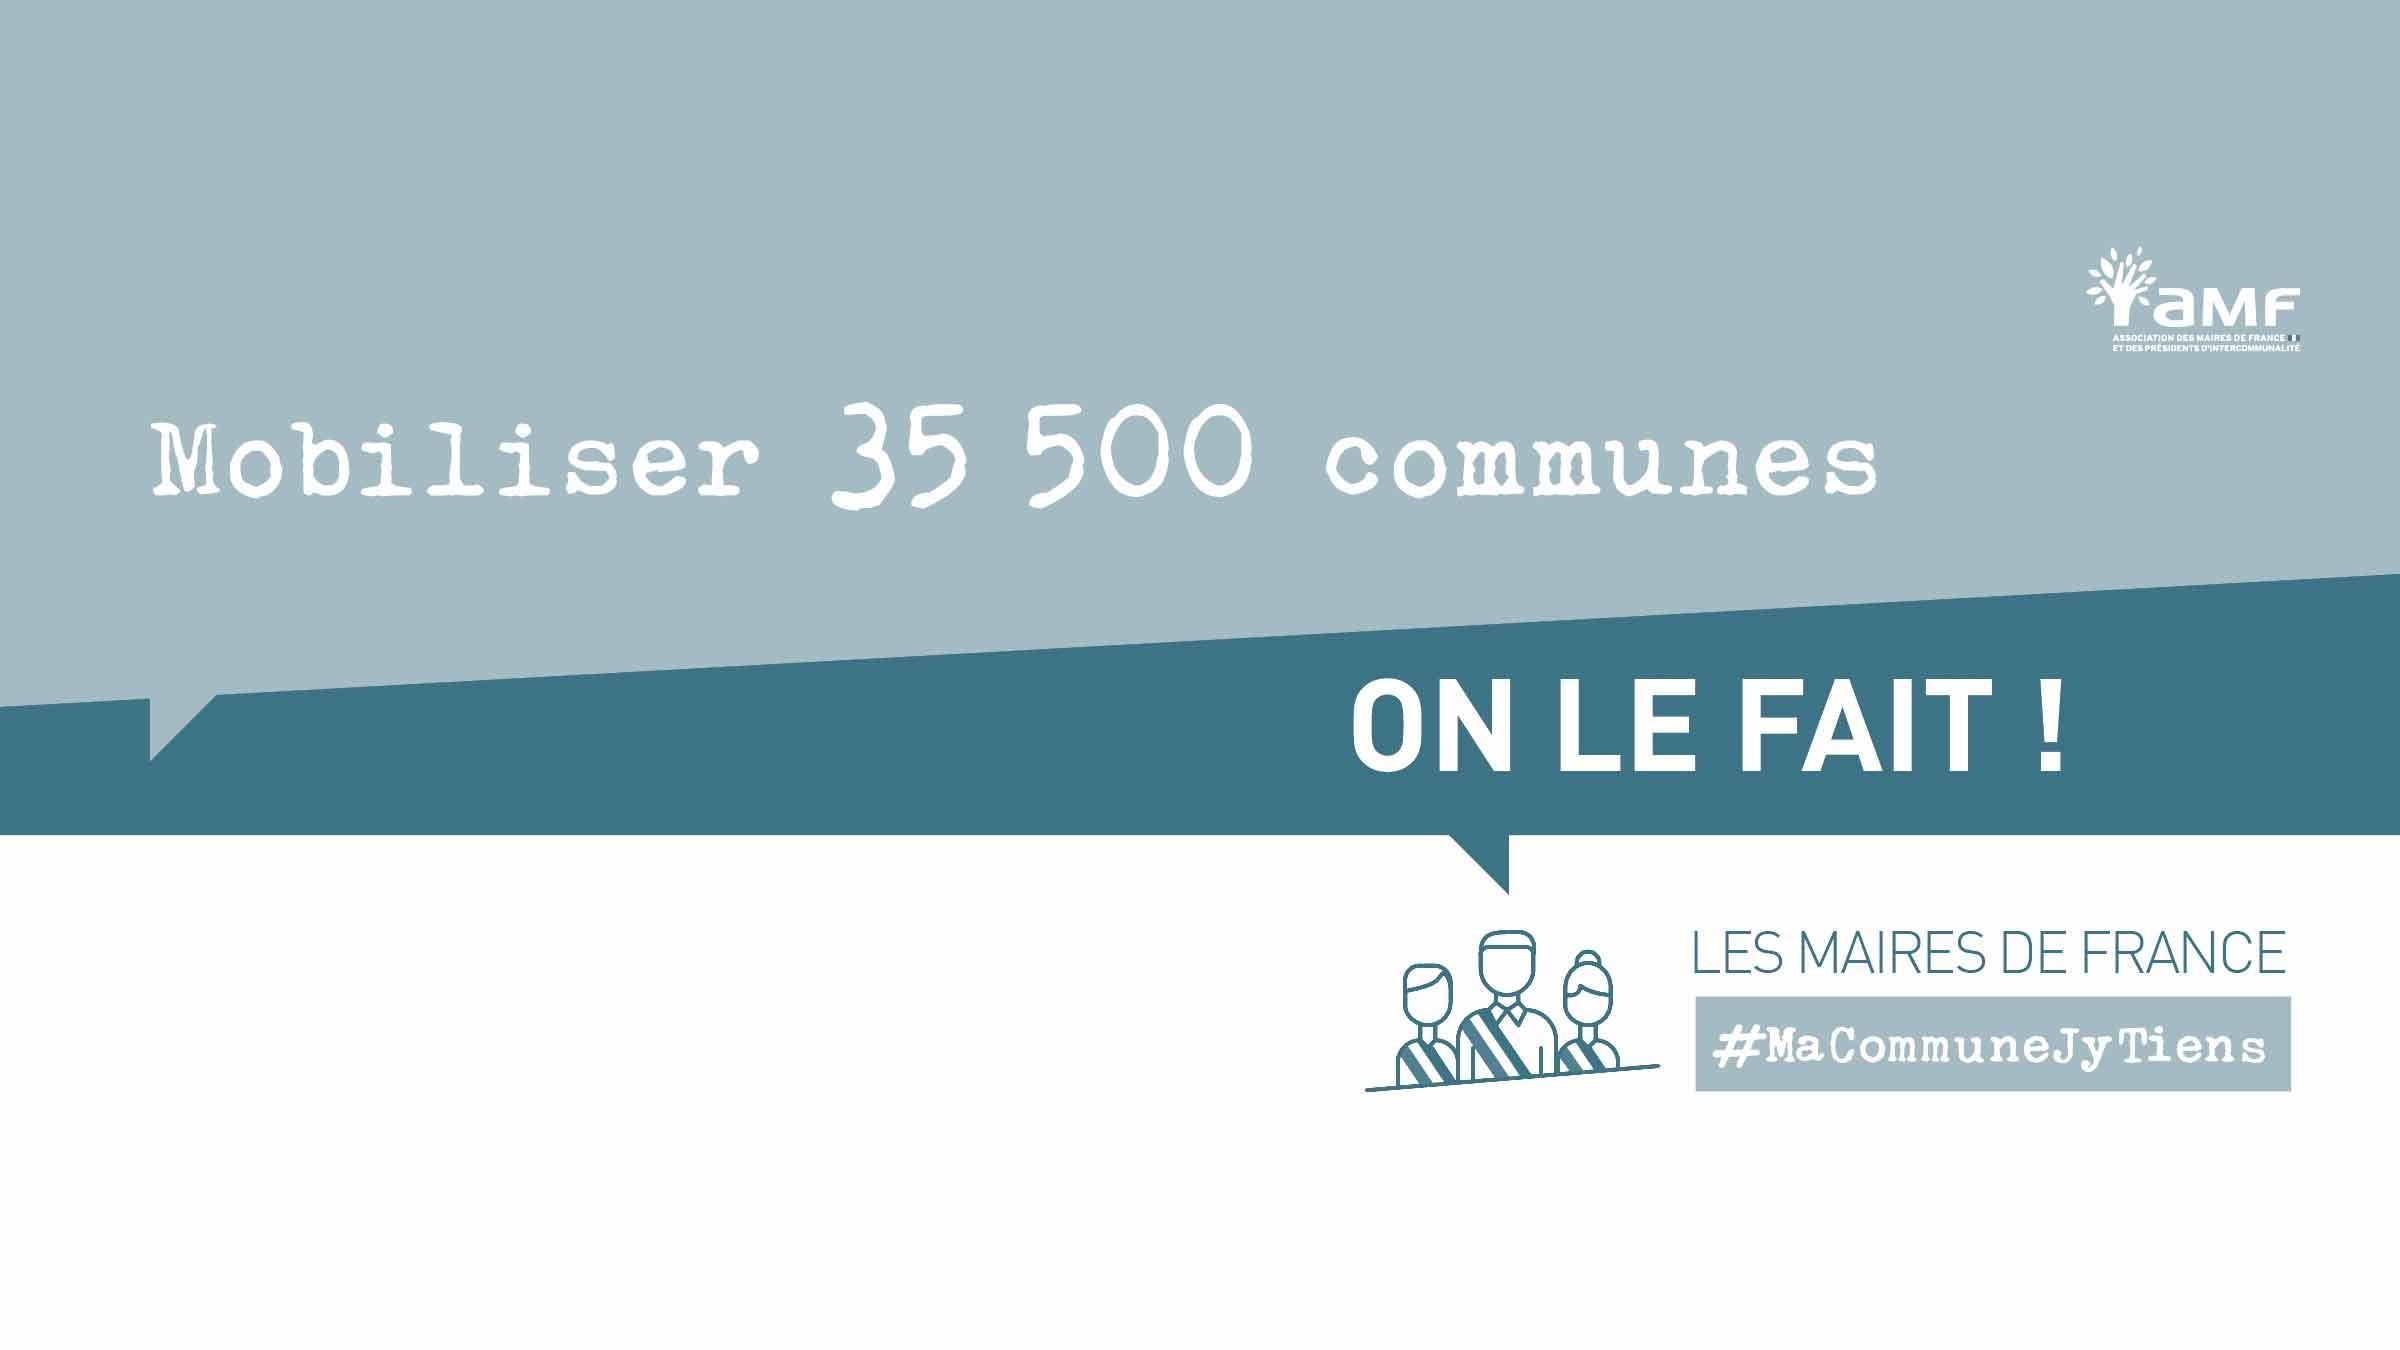 Campagne de sensibilisation de l'Association des Maires de France MaCommuneJ'yTiens